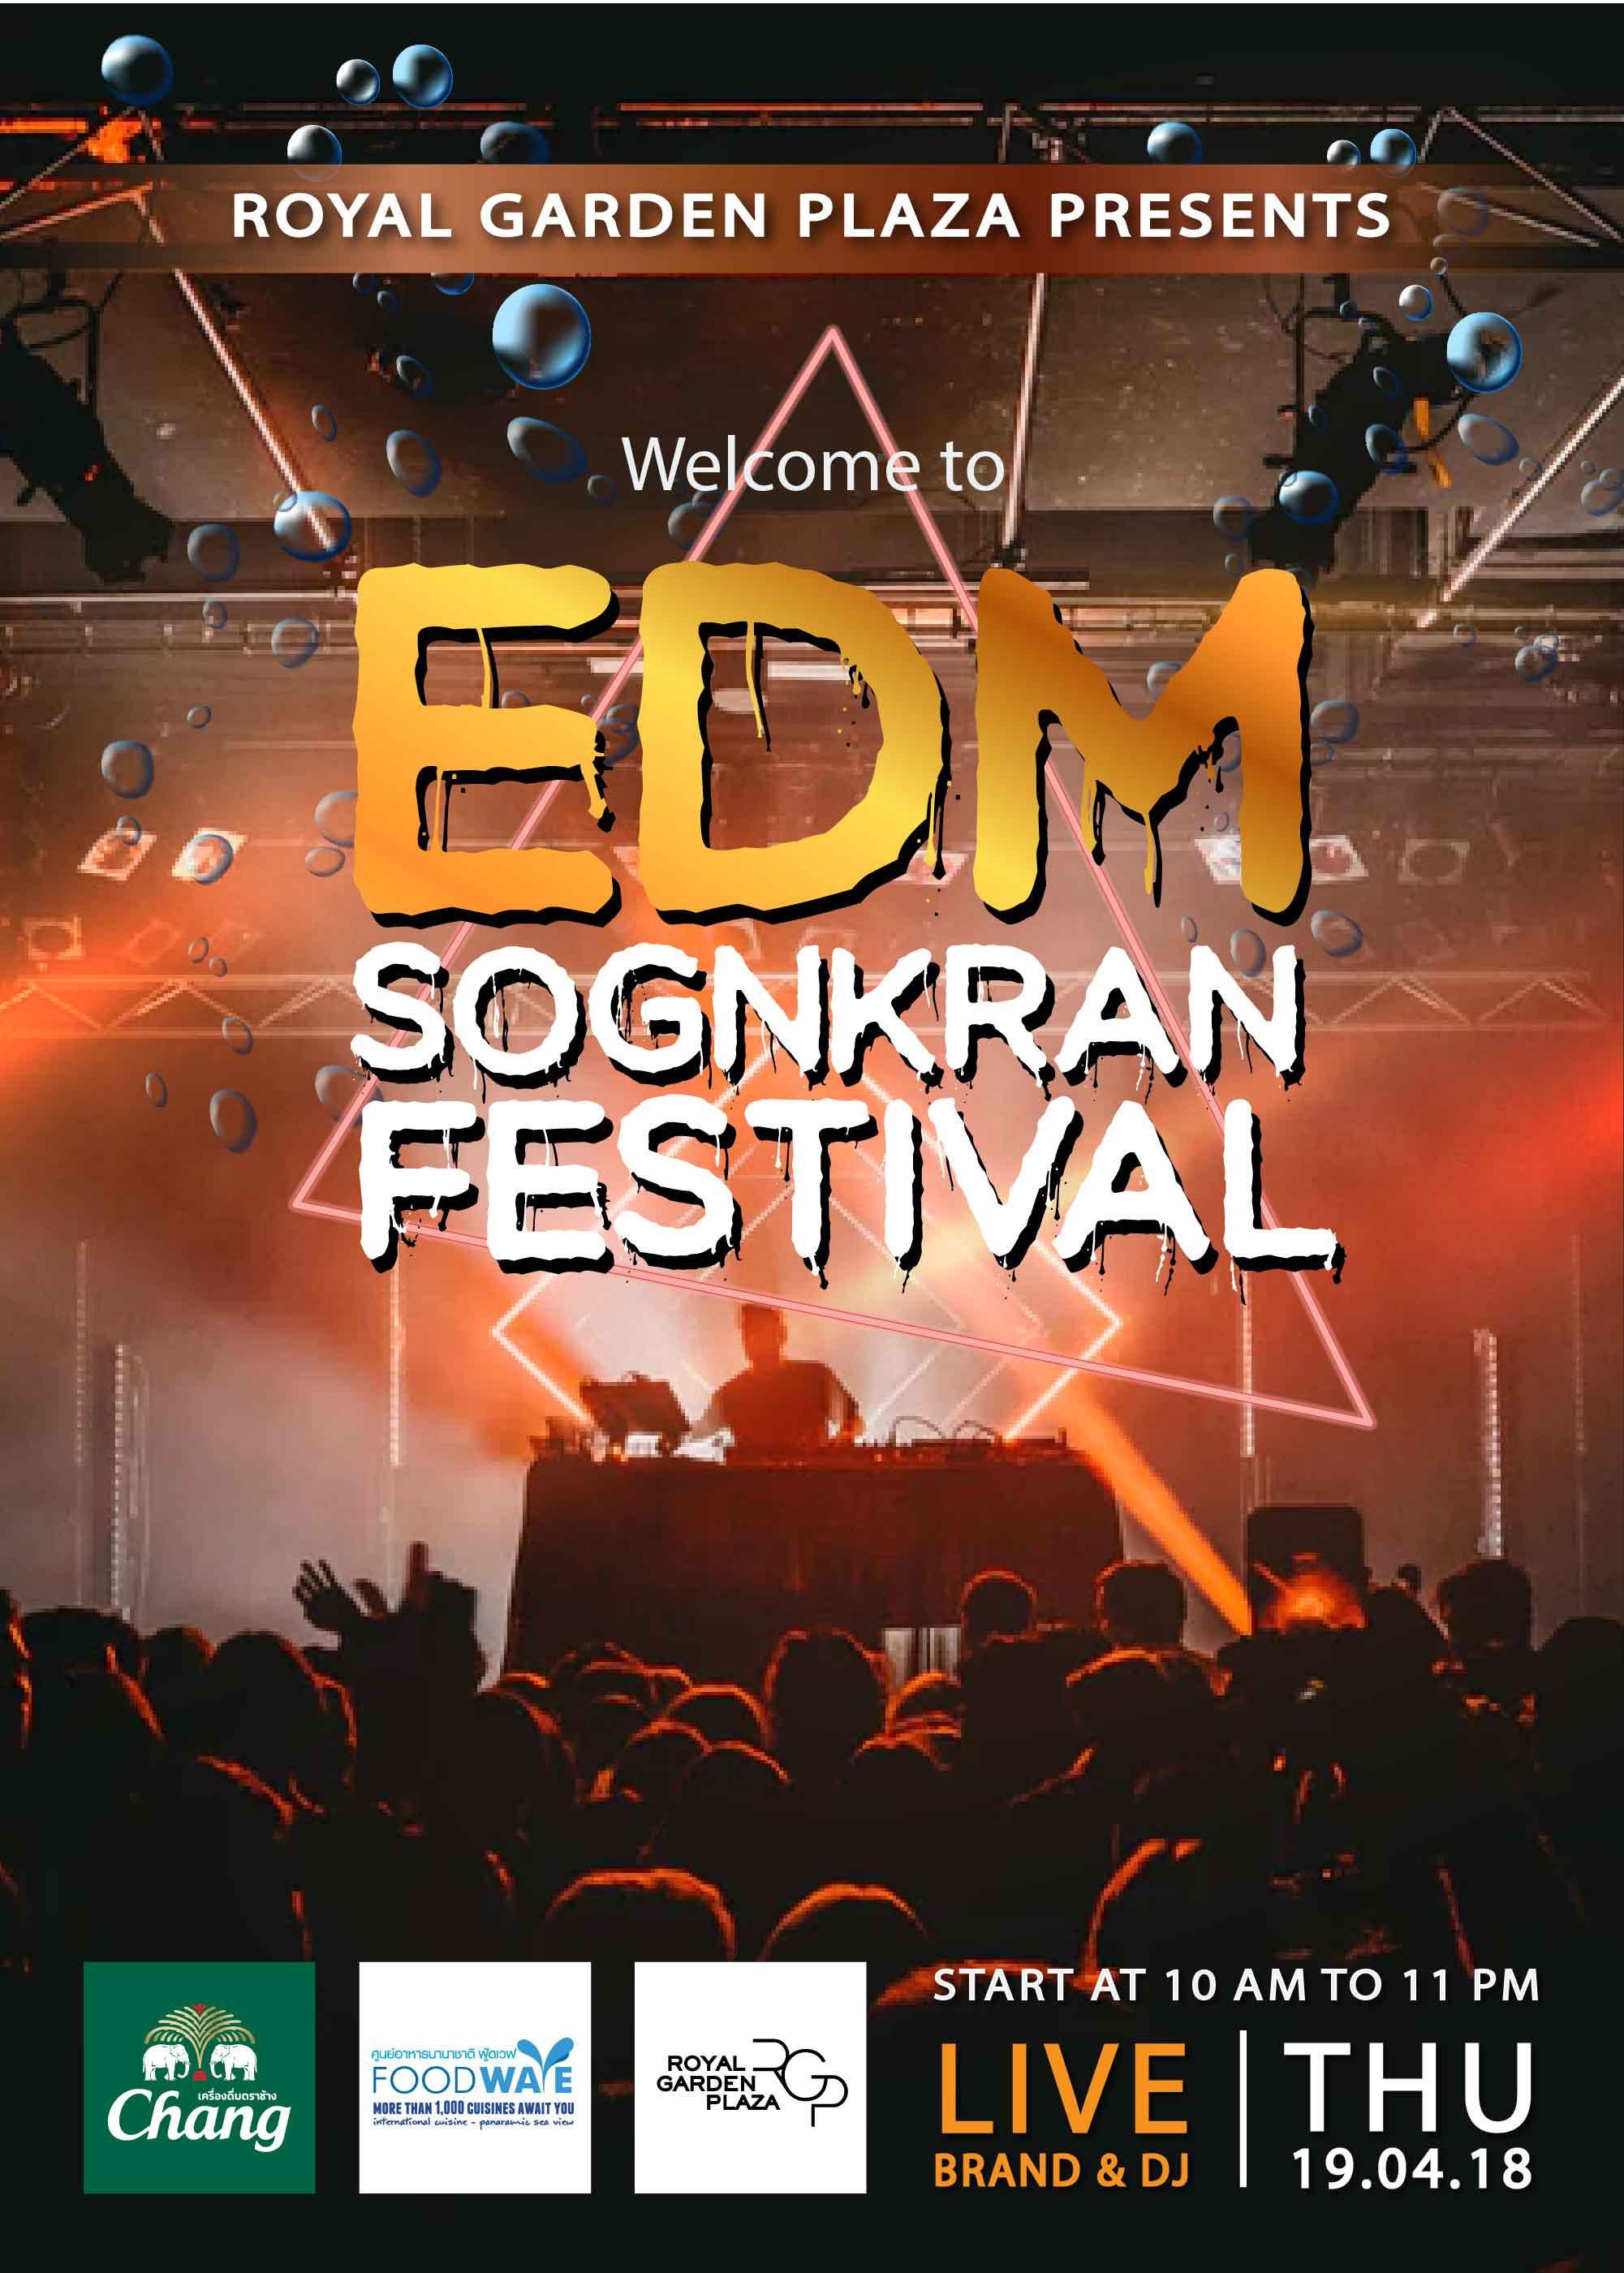 EDM Songkran Festival 2018 at Royal Garden Plaza Pattaya 13 -